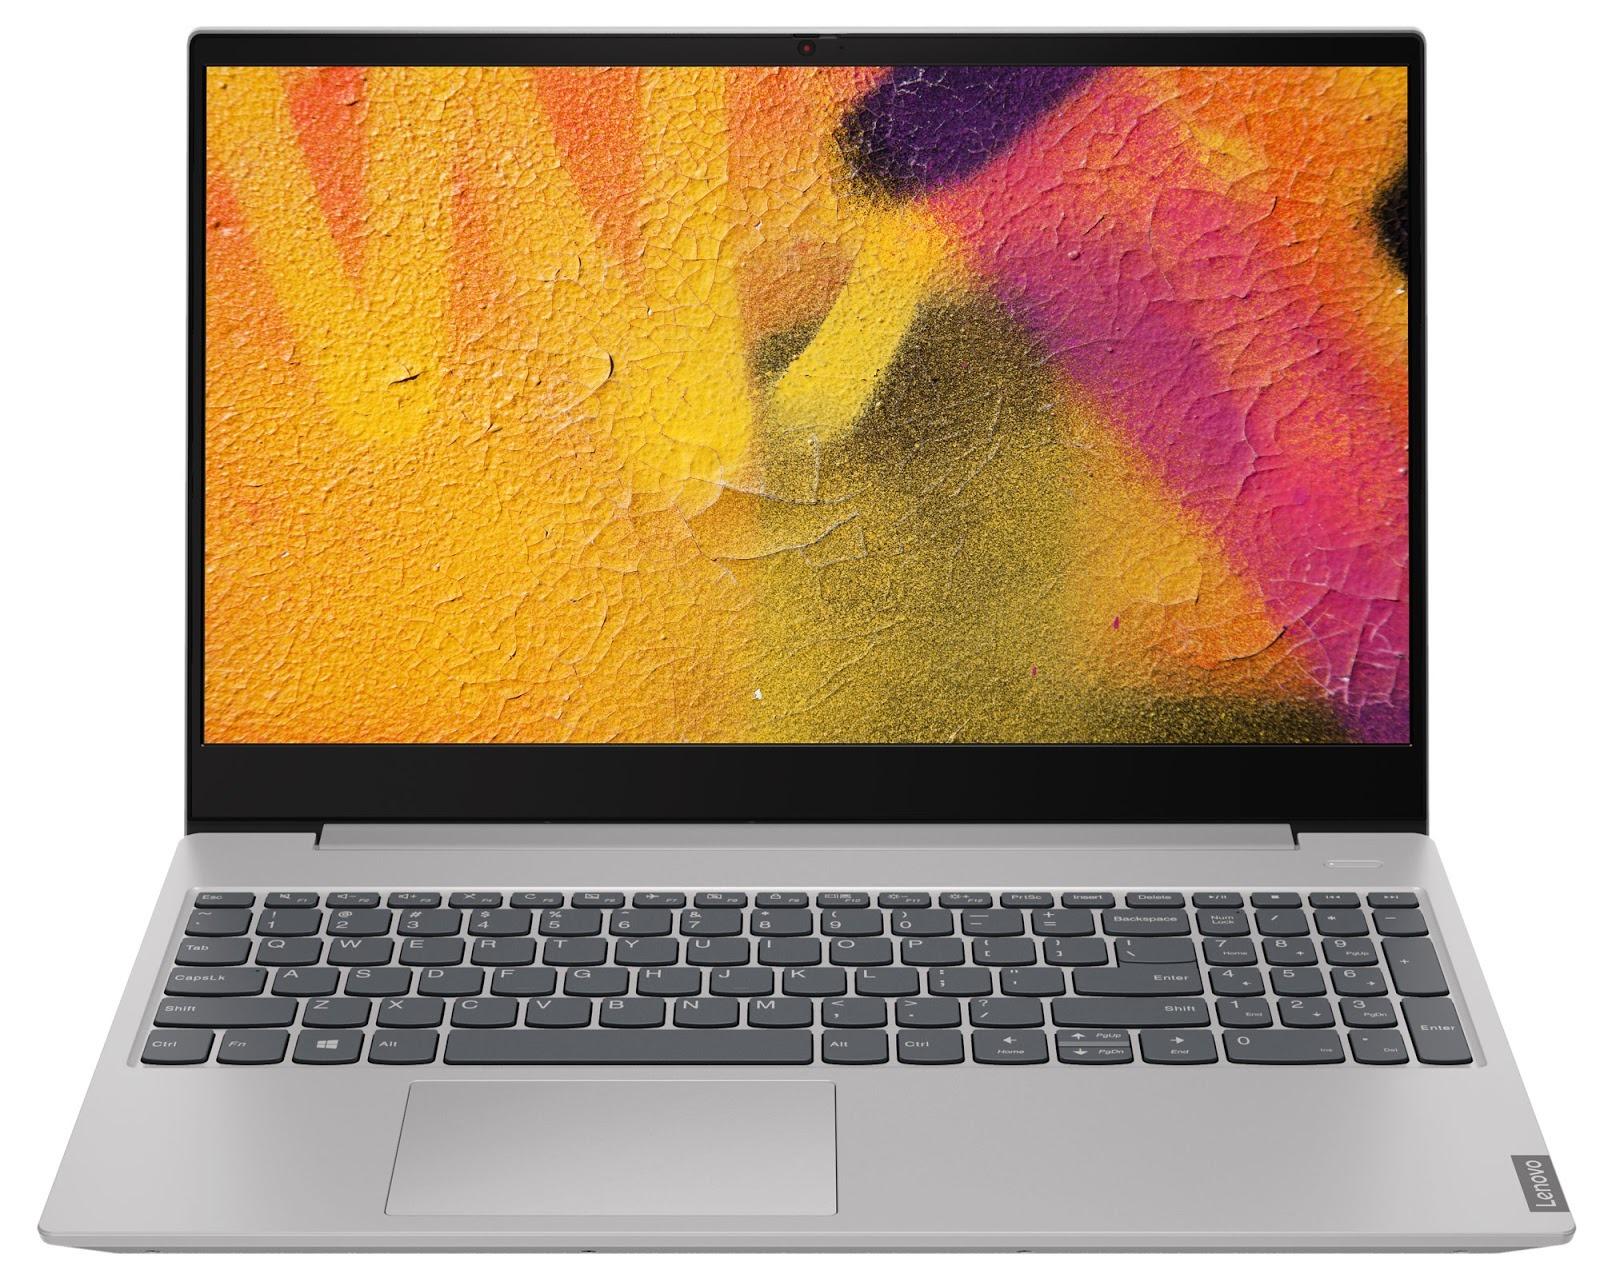 Фото 3. Ноутбук Lenovo ideapad S340-15IML (81NA009HRE)